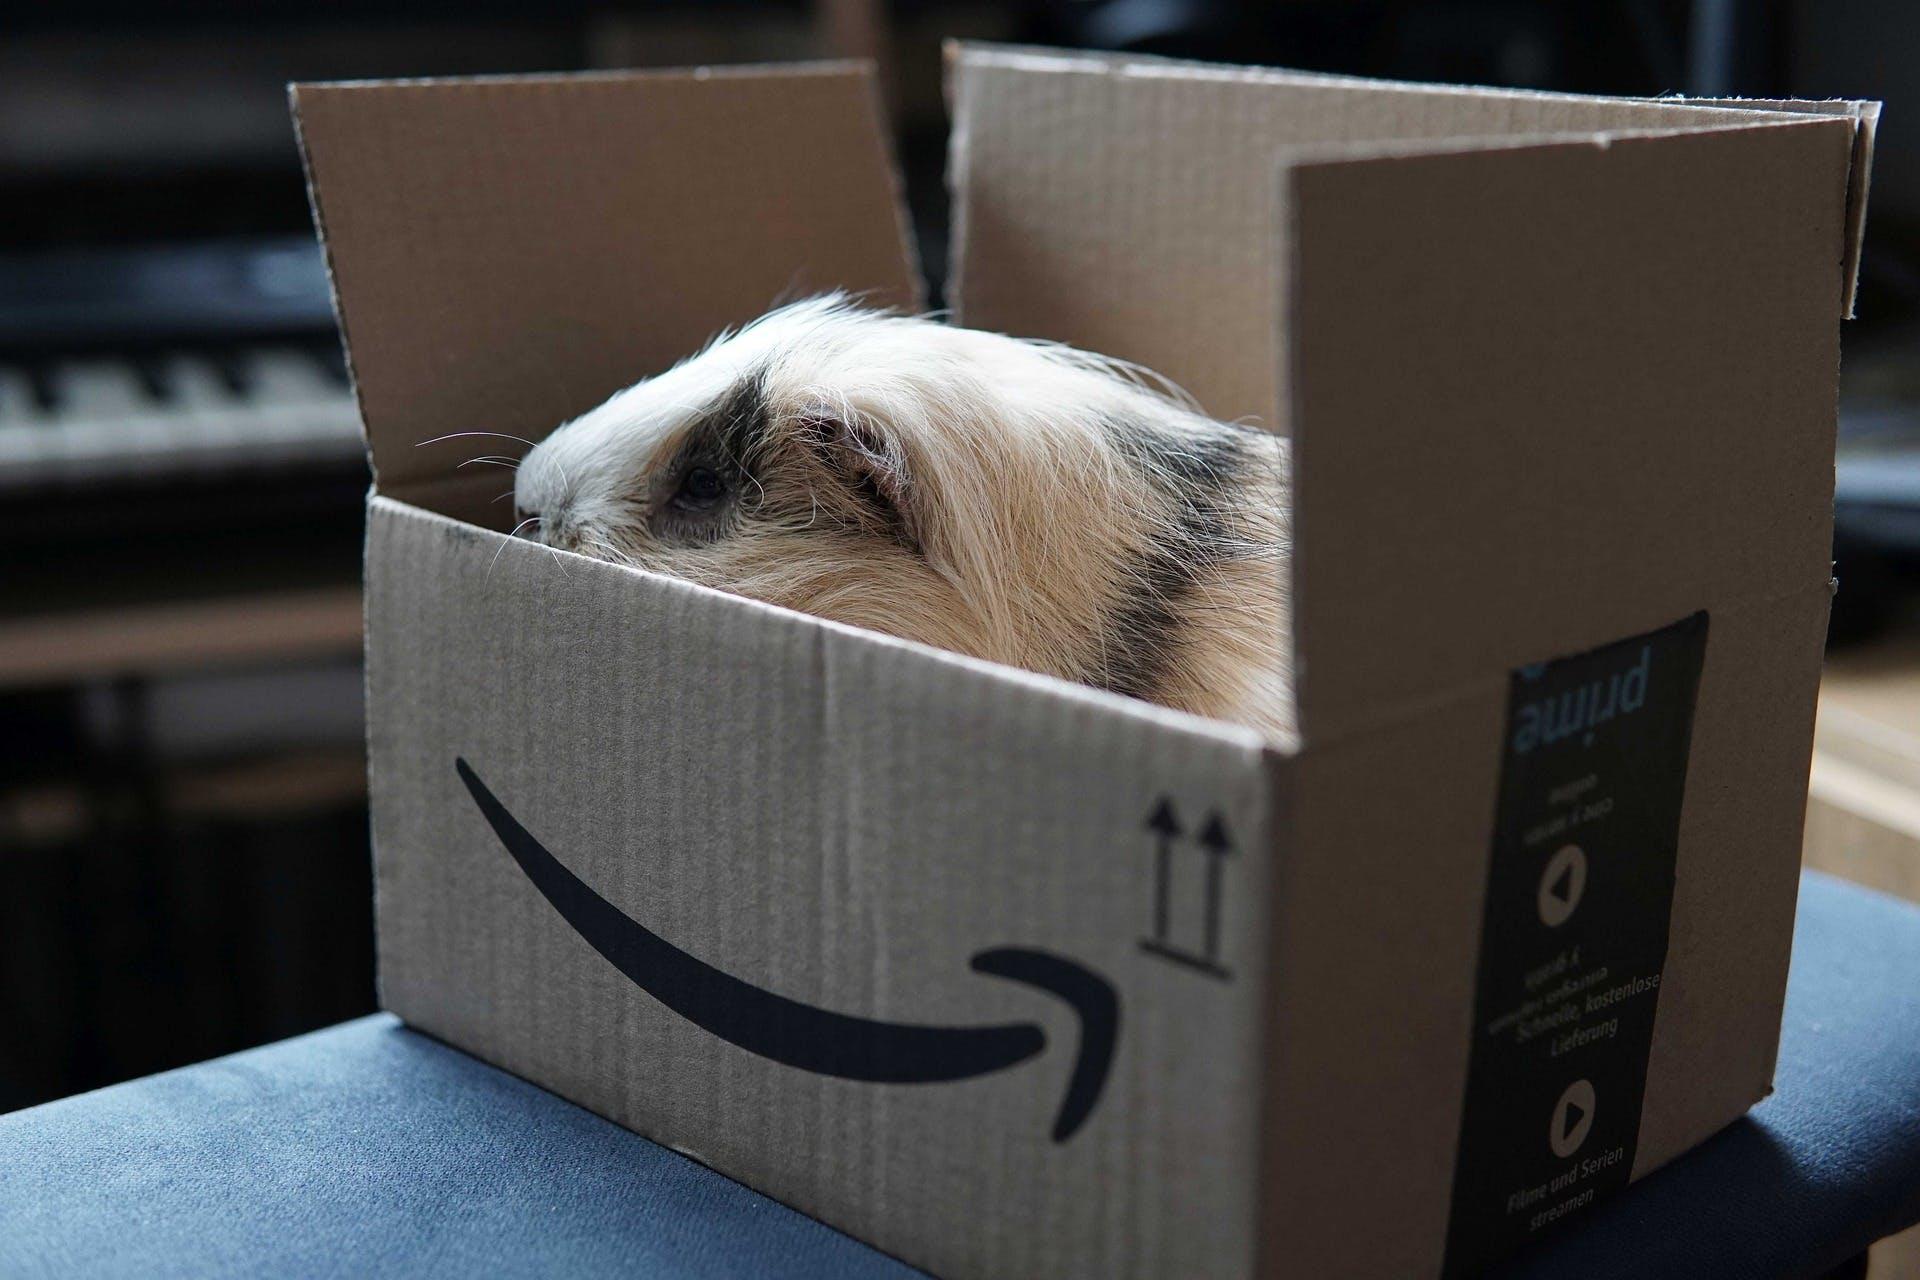 Compras na Amazon: saiba se é seguro comprar no site e no aplicativo, tire suas dúvidas e conheça um pouco mais sobre uma das maiores varejistas da internet.